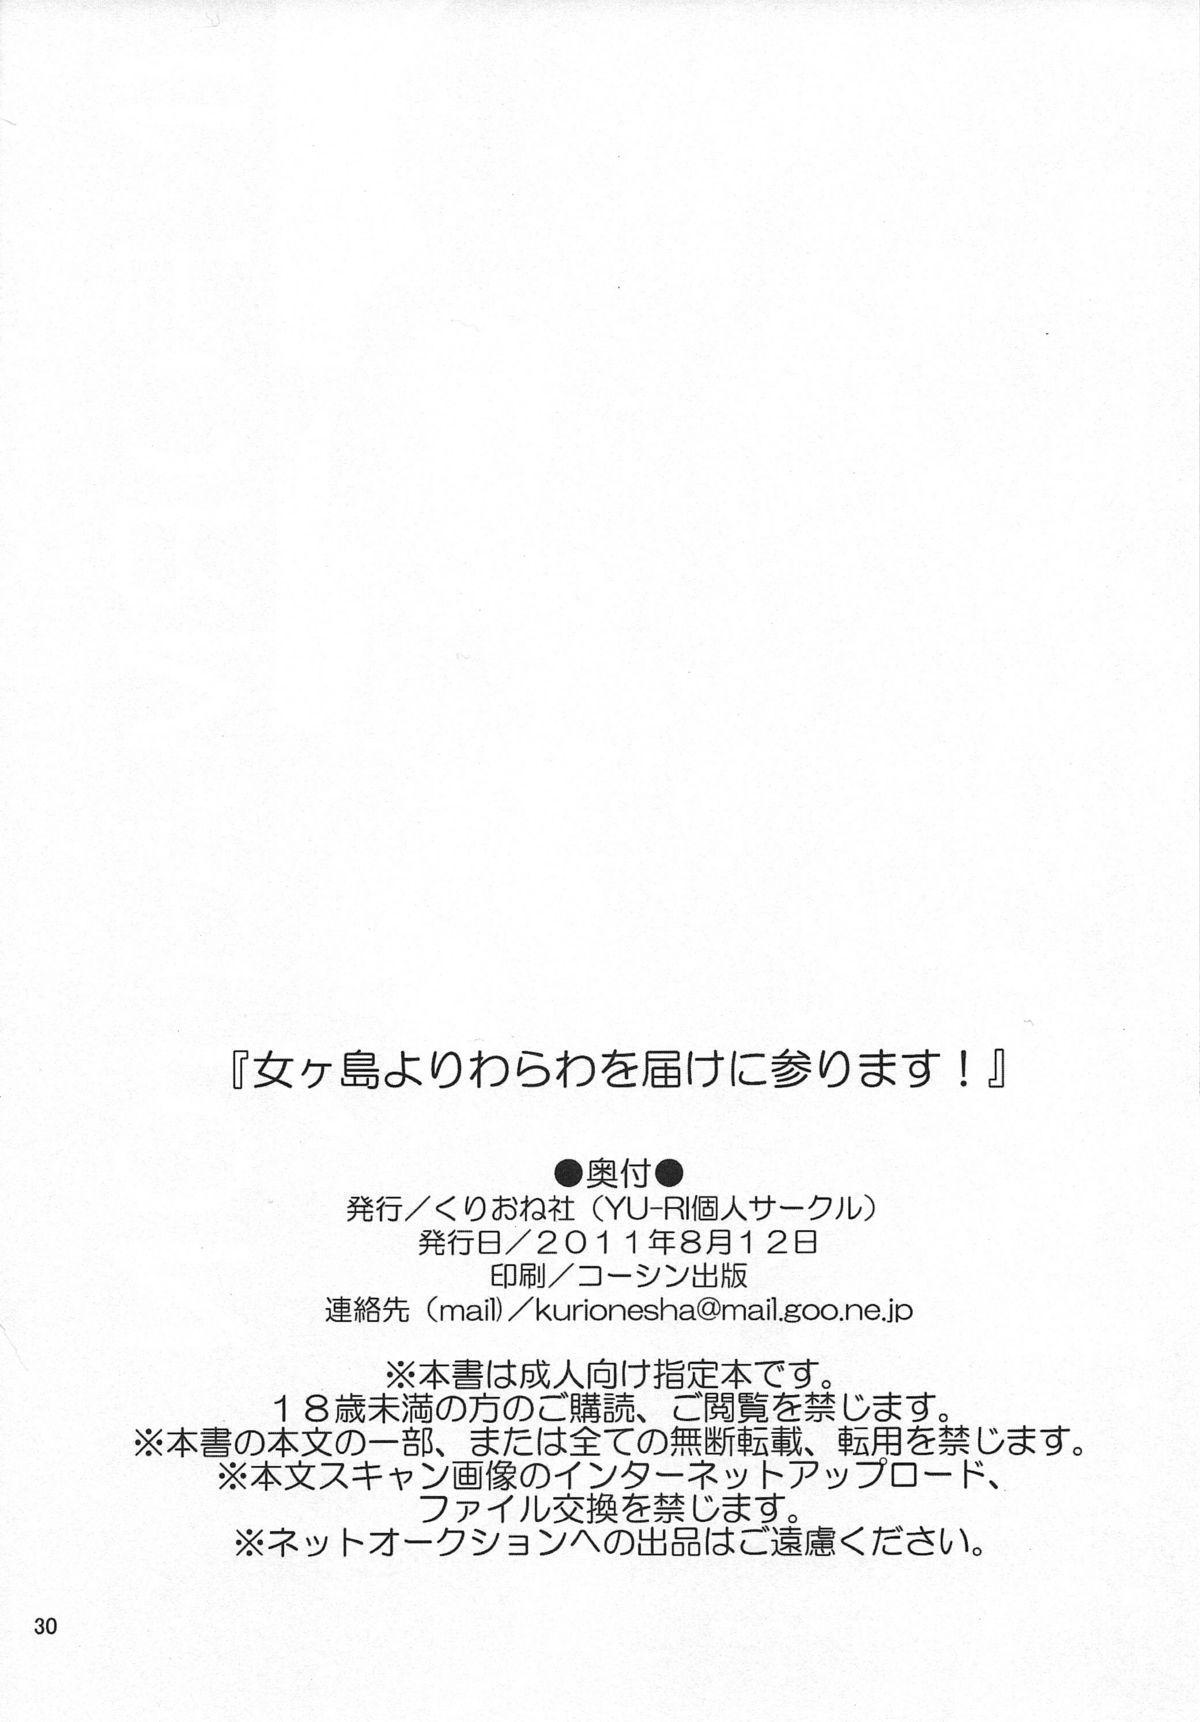 Nyougashima yori Warawa o Todoke ni Mairimasu! | Instead Of You Coming To The Island Of Women, I'll Come To You! 28